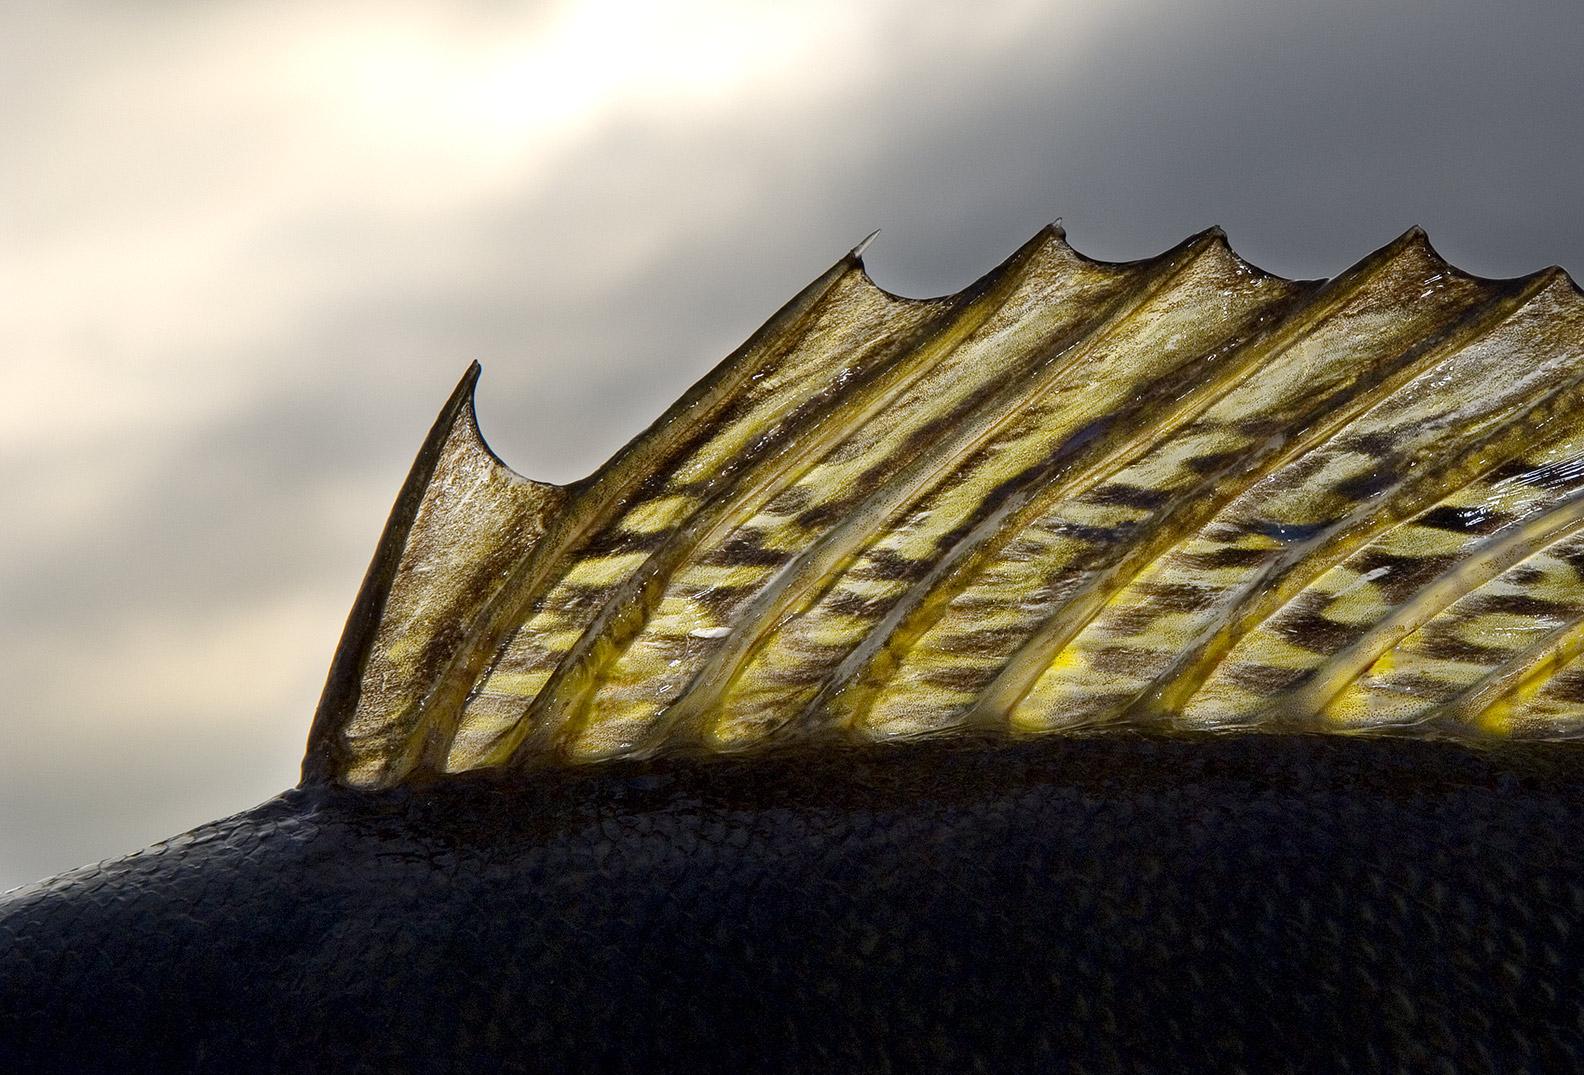 """I artiklen her gives mange gode grunde til at mennesket sandsynligvis i høj grad har bidraget til at sandarten mere eller mindre blev totalt udryddet i dens naturlige danske udbredelsesområde. På trods af dette er mener DTU Aqua at """"alt tyder på at den er uddød natururligt"""" - uden dog at være i stand til at komme med et eneste eksmepel på¨hvad """"alt"""" er"""